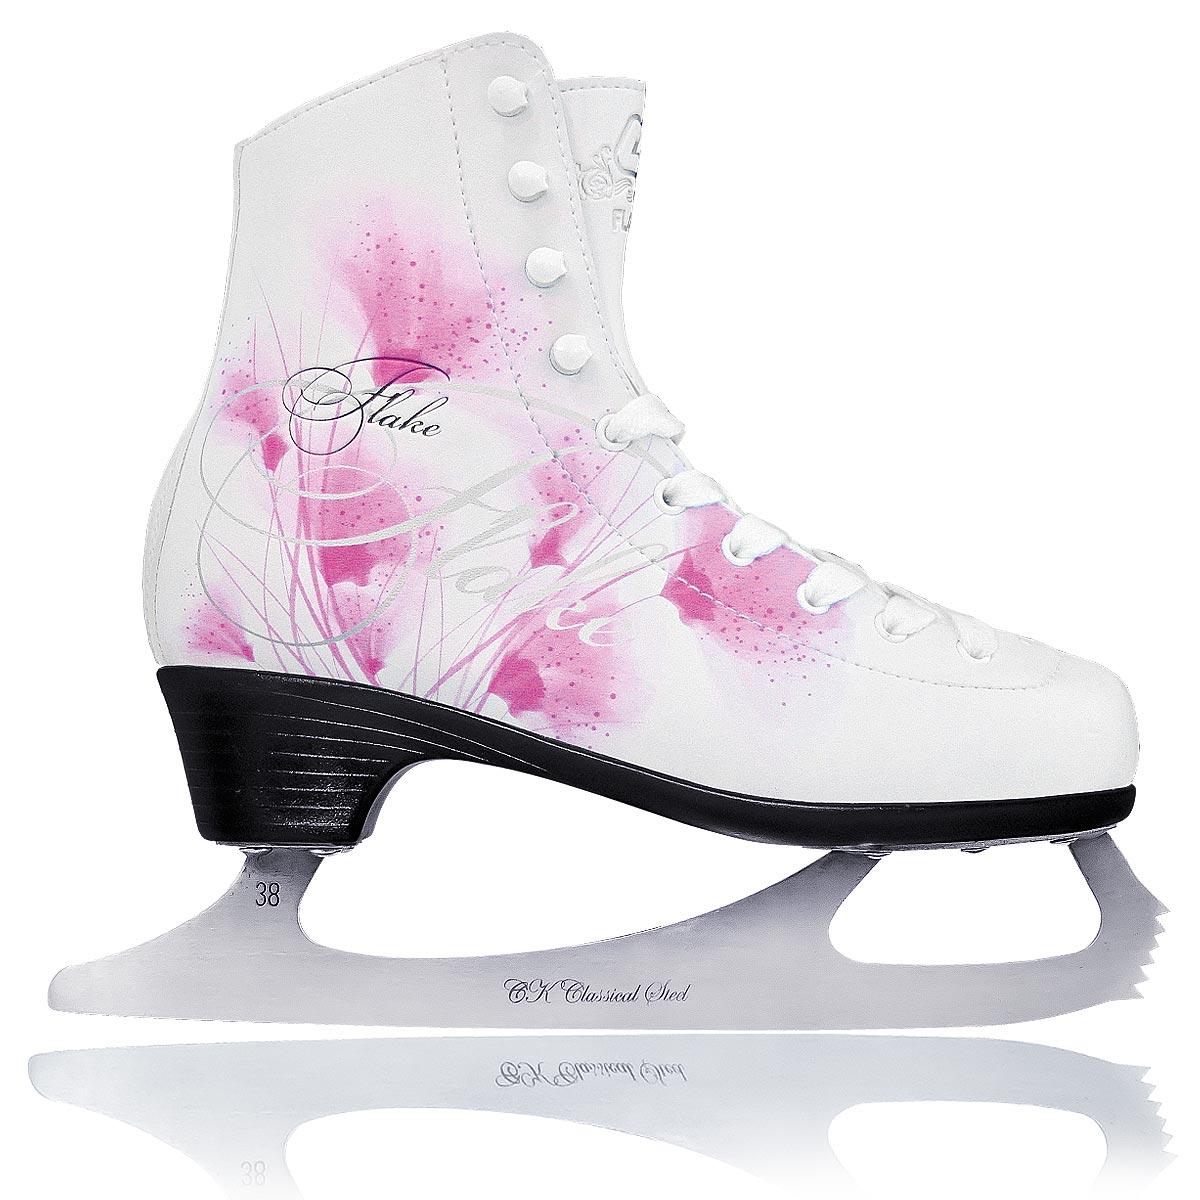 Коньки фигурные женские CK Flake Leather, цвет: белый, фуксия. Размер 41CK Ladies Lux 2012-2013 White TricotФигурные коньки от CK Flake Leather идеально подойдут для любительского катания. Модель выполнена из современной морозоустойчивой искусственной кожи с высокой, плотной колодкой и усиленным задником, обеспечивающим боковую поддержку ноги. Внутренняя поверхность из натуральной кожи обеспечивает удобство во время движения. Анатомический язычок из войлока и искусственной кожи идеально облегает стопу и повышает комфорт. Стелька из упругого пенного полимерного материала EVA предназначена для быстрой адаптации ботинка к индивидуальным формам ноги и ее комфортного положения. Ботинок полностью обволакивает ногу, обеспечивает прочную и удобную фиксацию ноги, а также повышенную защиту от ударов. Модель фиксируется на ноге классической шнуровкой. Лезвие выполнено из нержавеющей стали, оно обладает высокой твердостью и долго держит заточку. Модель имеет запатентованную форму лезвия. Уменьшенная передняя пластина и расположение точек опоры стоек оптимально располагают переднюю точку баланса и позволяют улучшить контроль при опоре на переднюю часть конька. Новая запатентованная подошва Graceful обладает элегантным дизайном, повышенной твердостью и пониженным весом. Более высокий каблук делает ногу более изящной и стройной, а также повышает управляемость и маневренность конька.